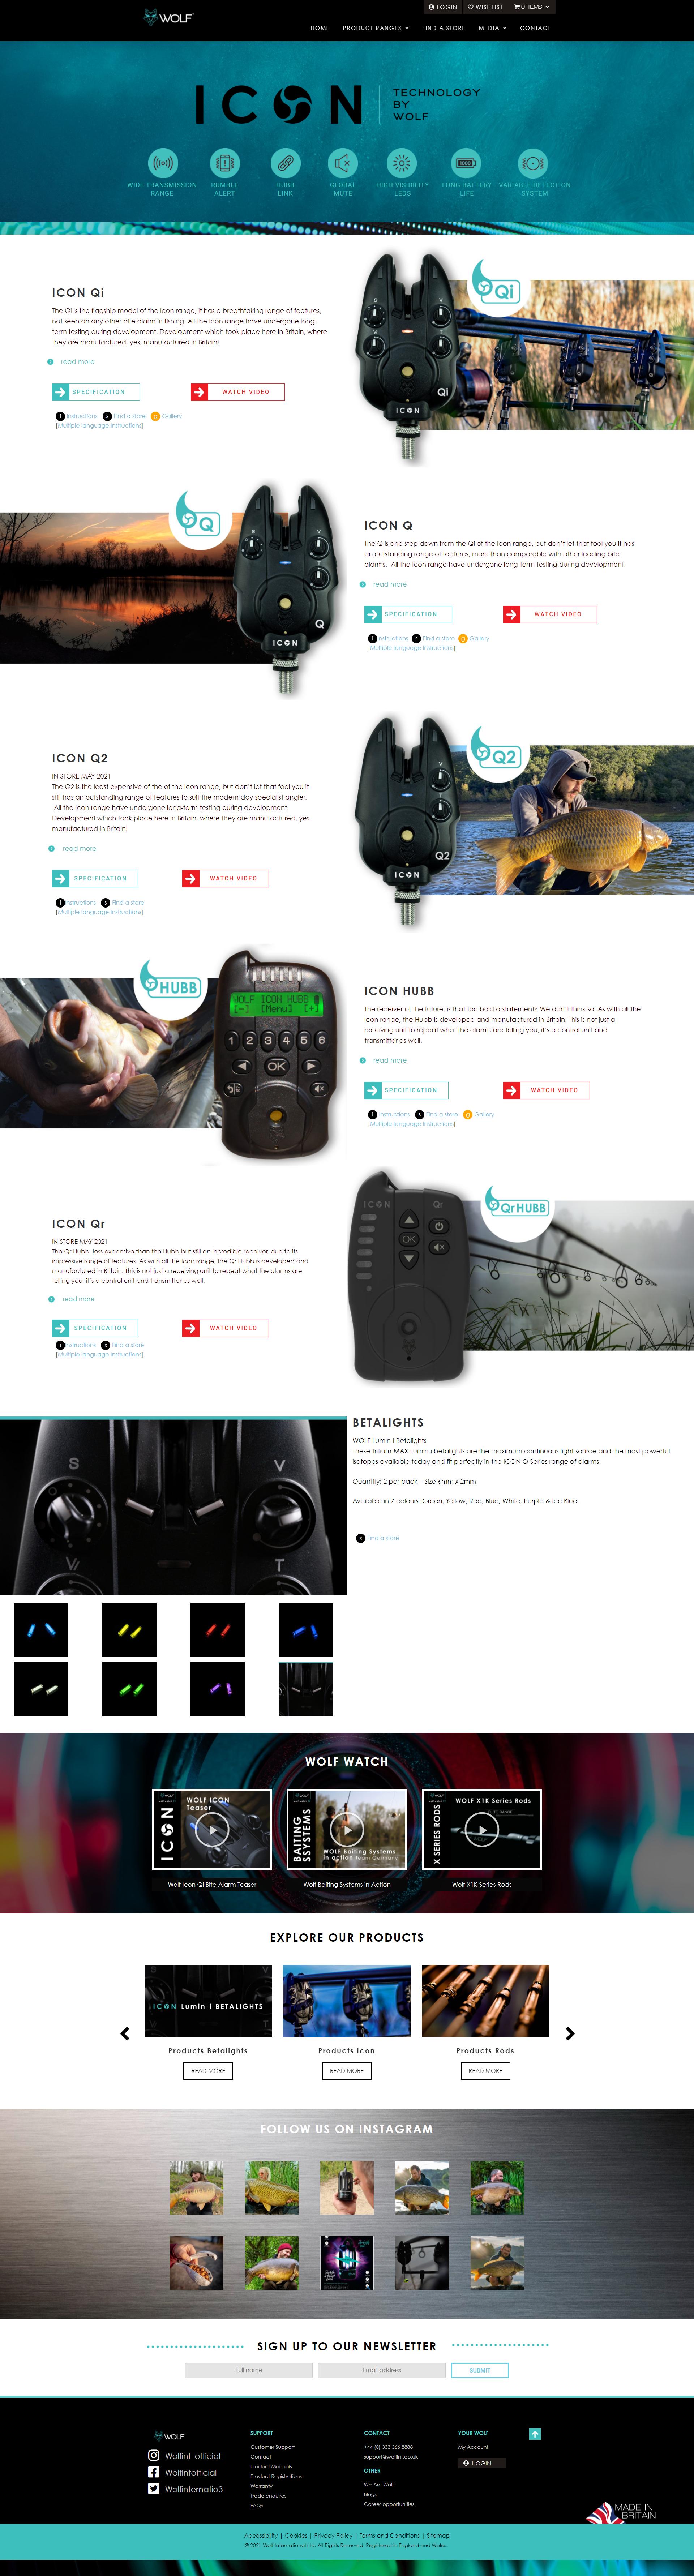 screencapture-wolfint-co-uk-products-icon-2021-06-07-19_04_19